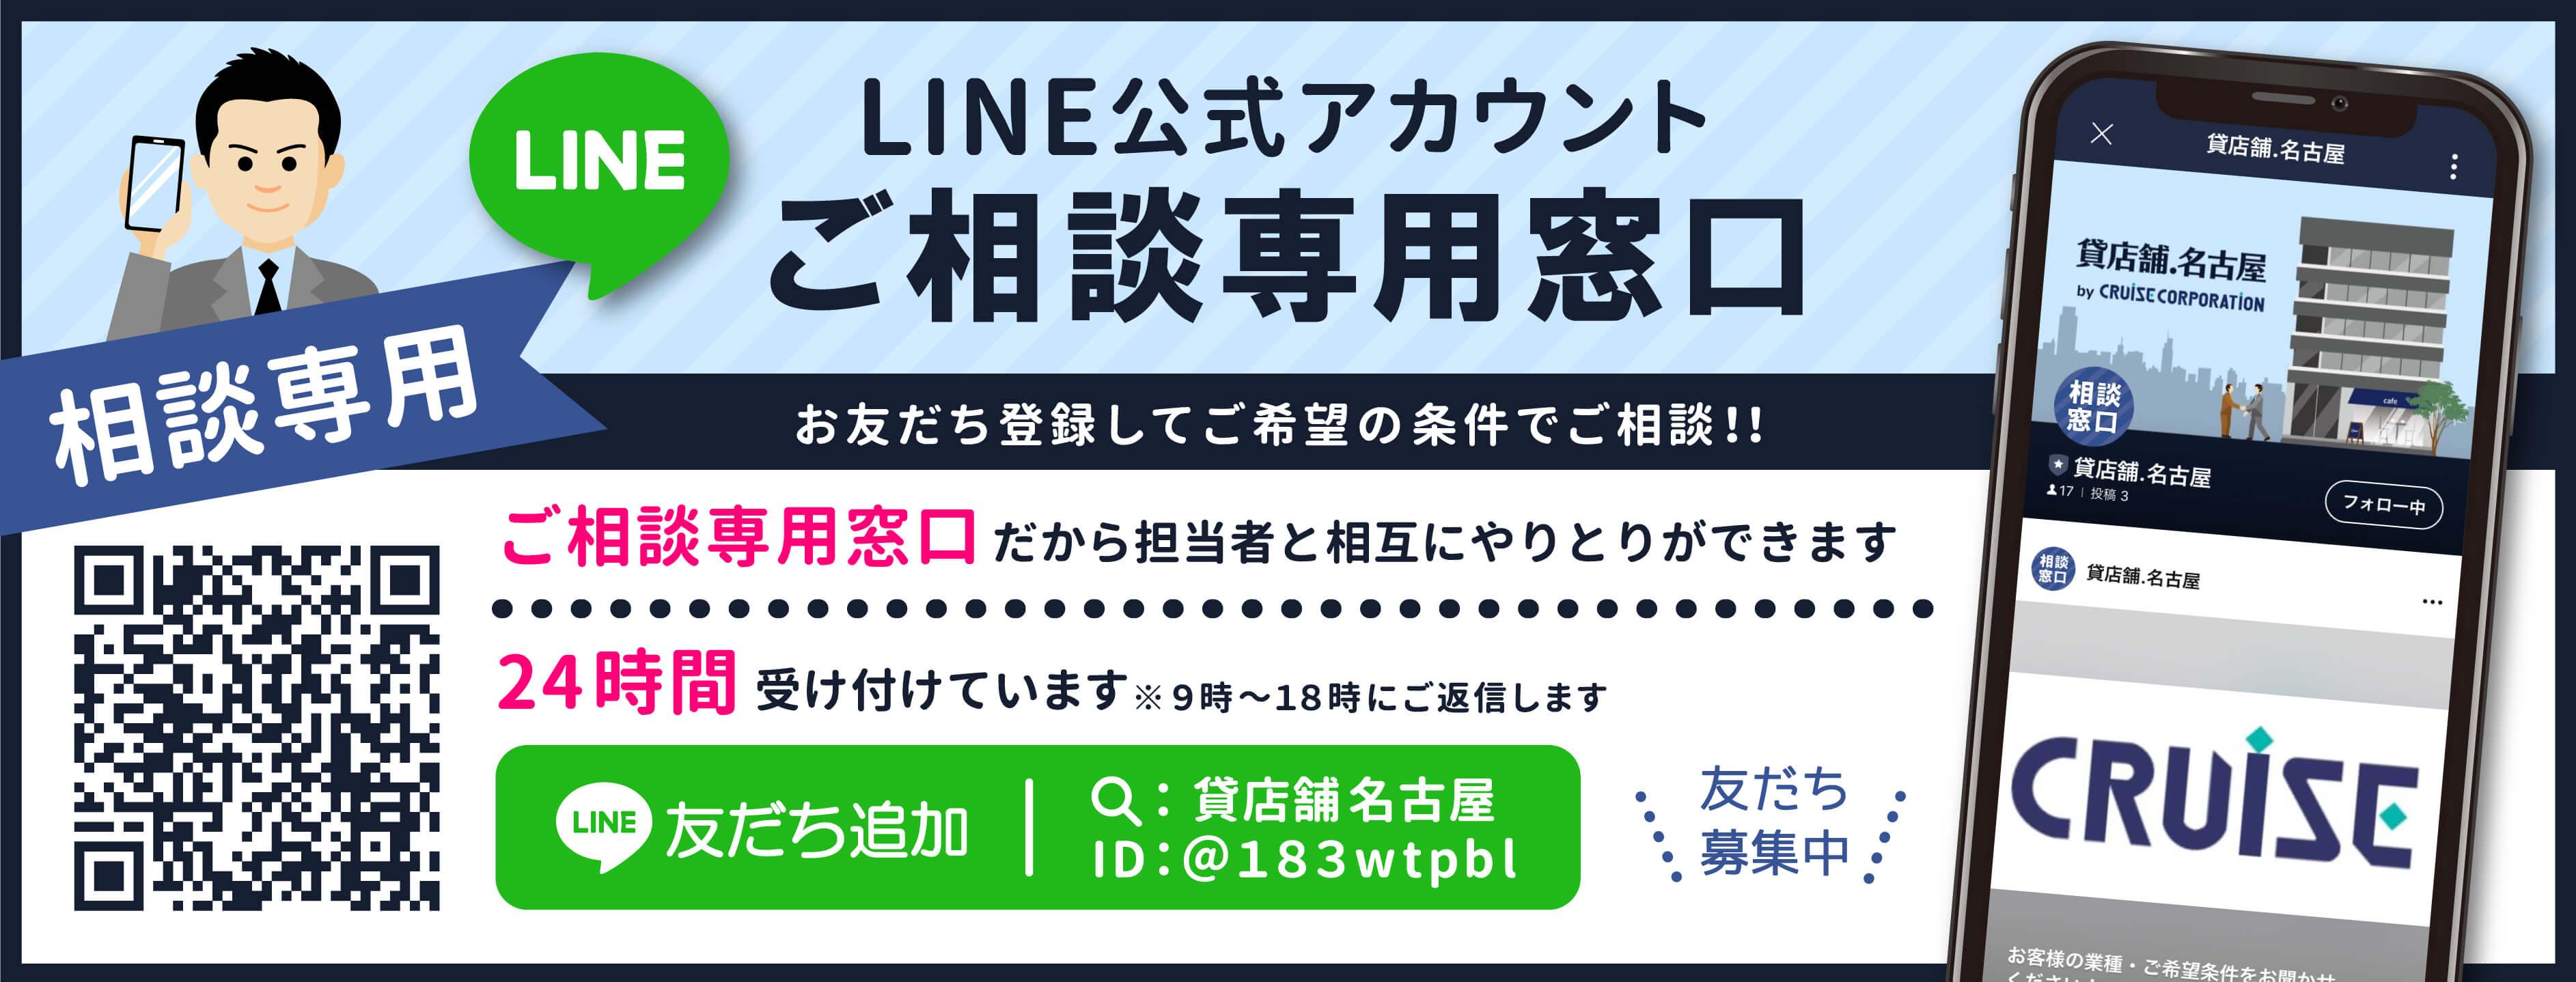 貸店舗名古屋LINEご相談専用窓口